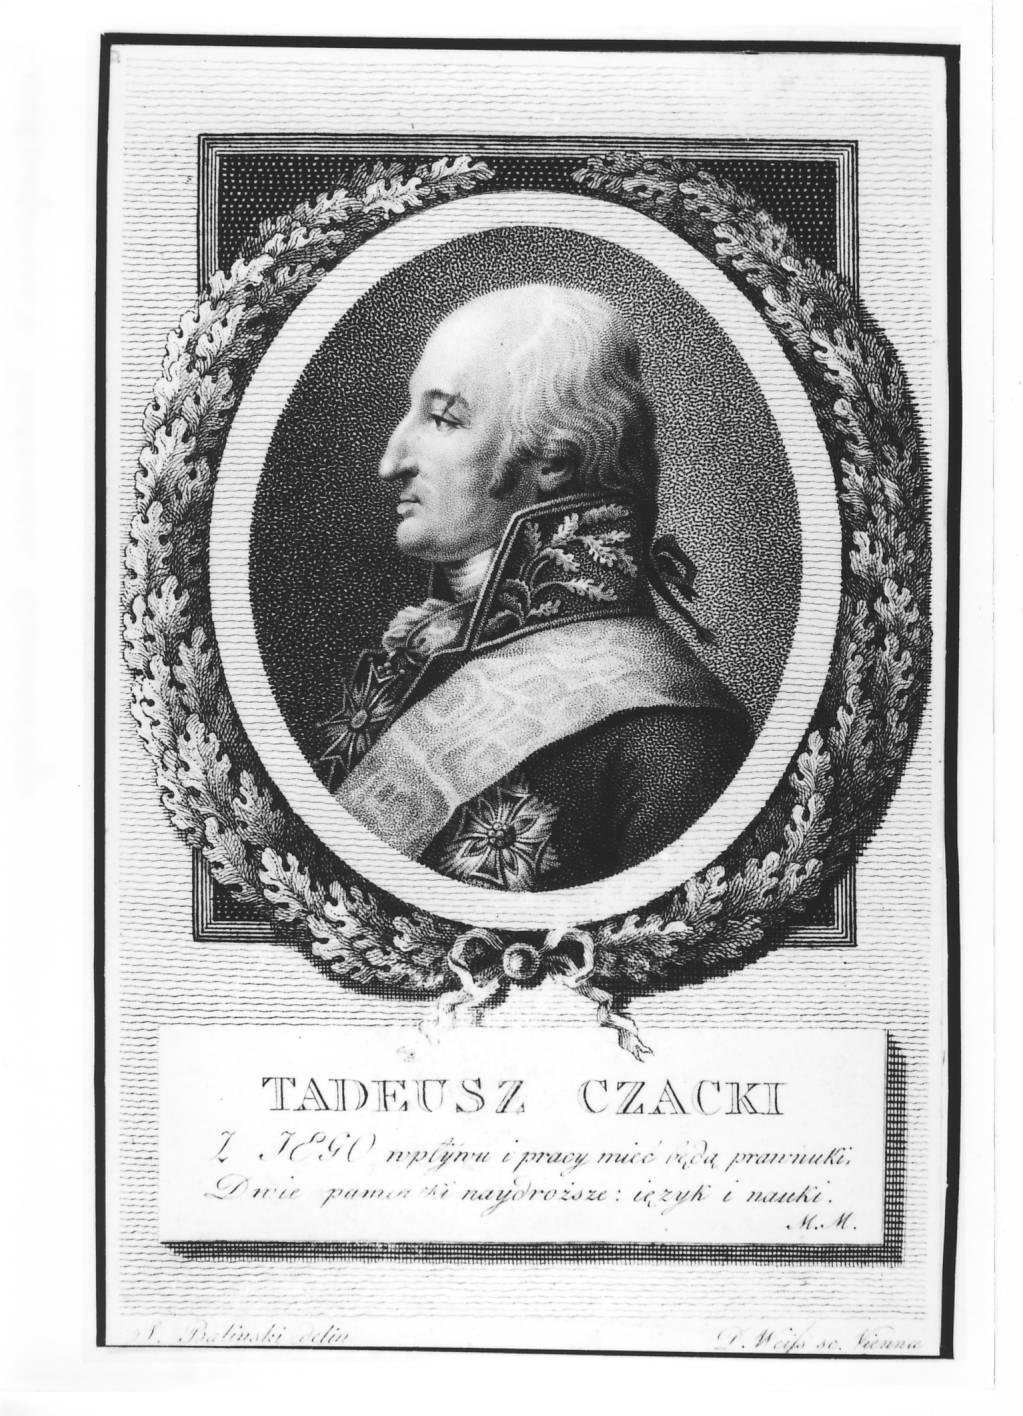 44_tadeusz czacki.jpg